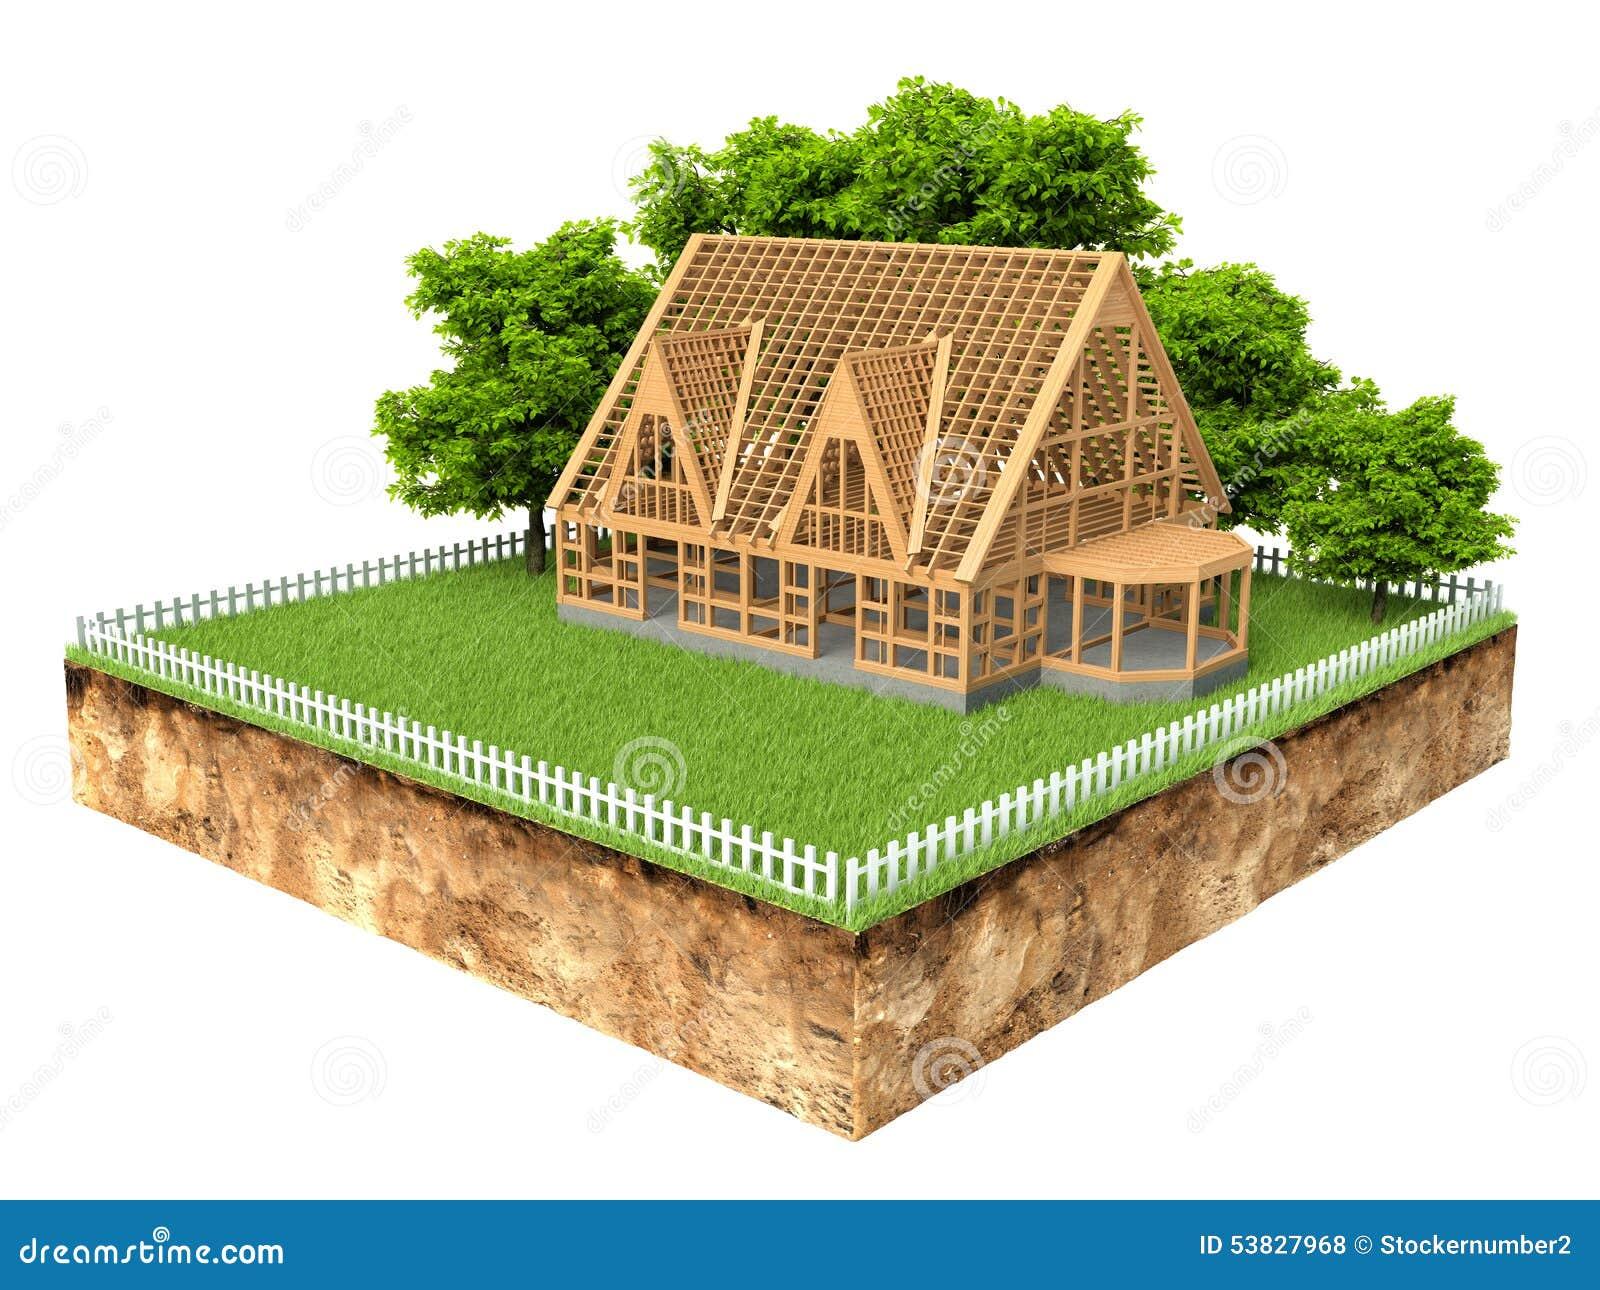 Een Nieuw Huis : Dwarsdoorsnede van grond met een nieuw huis in aanbouw stock